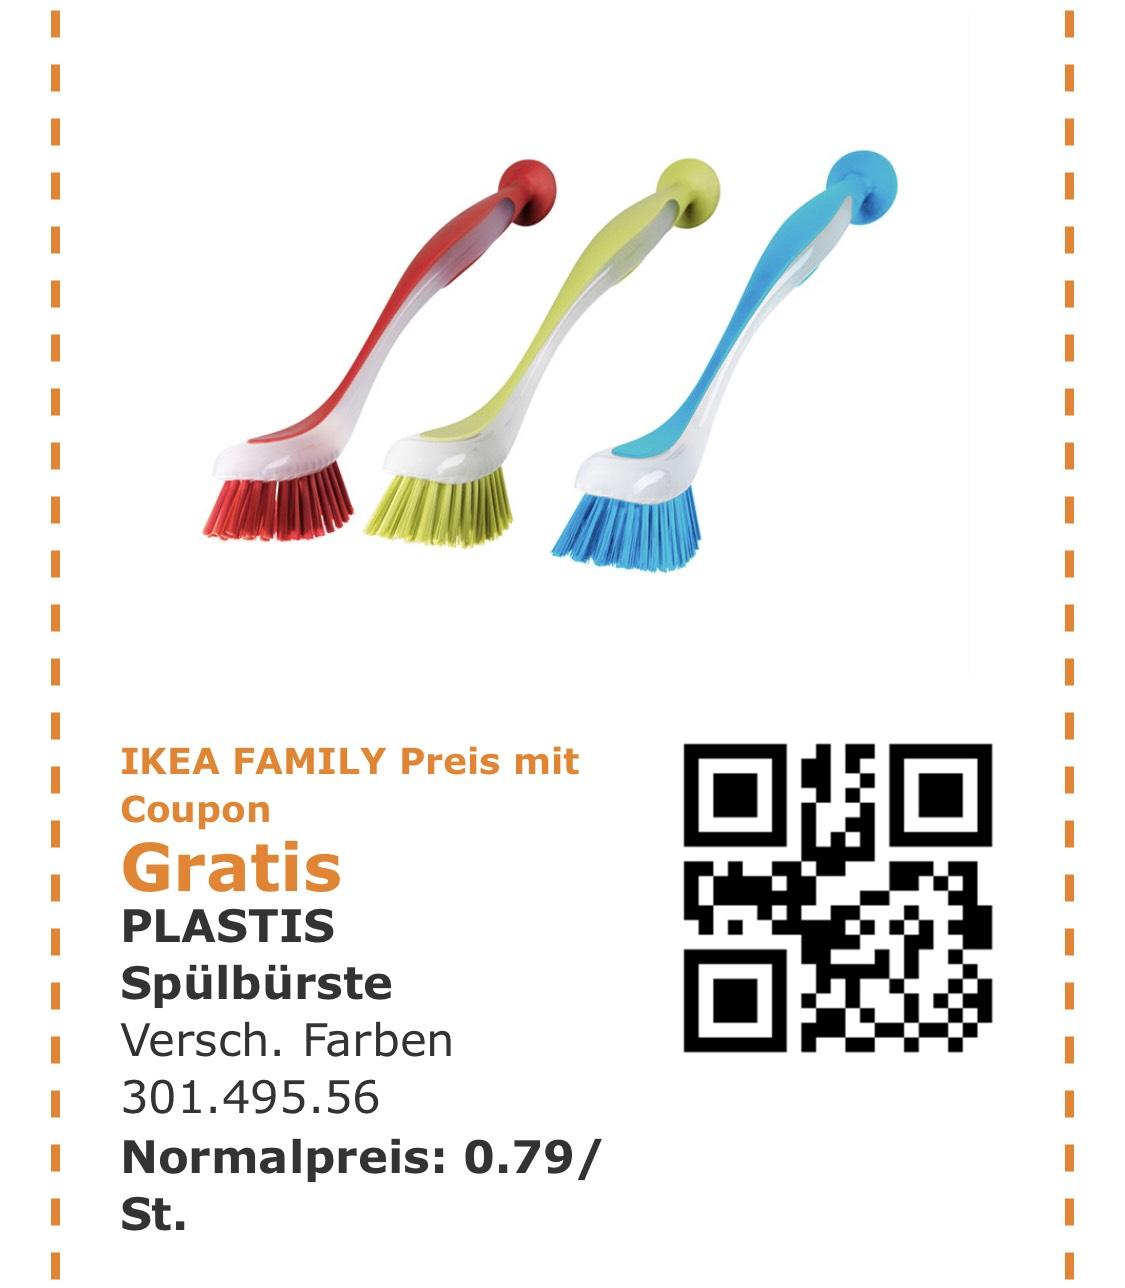 ikea family berlin gratis sp hlb rste plastis sp lb rste versch farben bilderrahmen 80. Black Bedroom Furniture Sets. Home Design Ideas